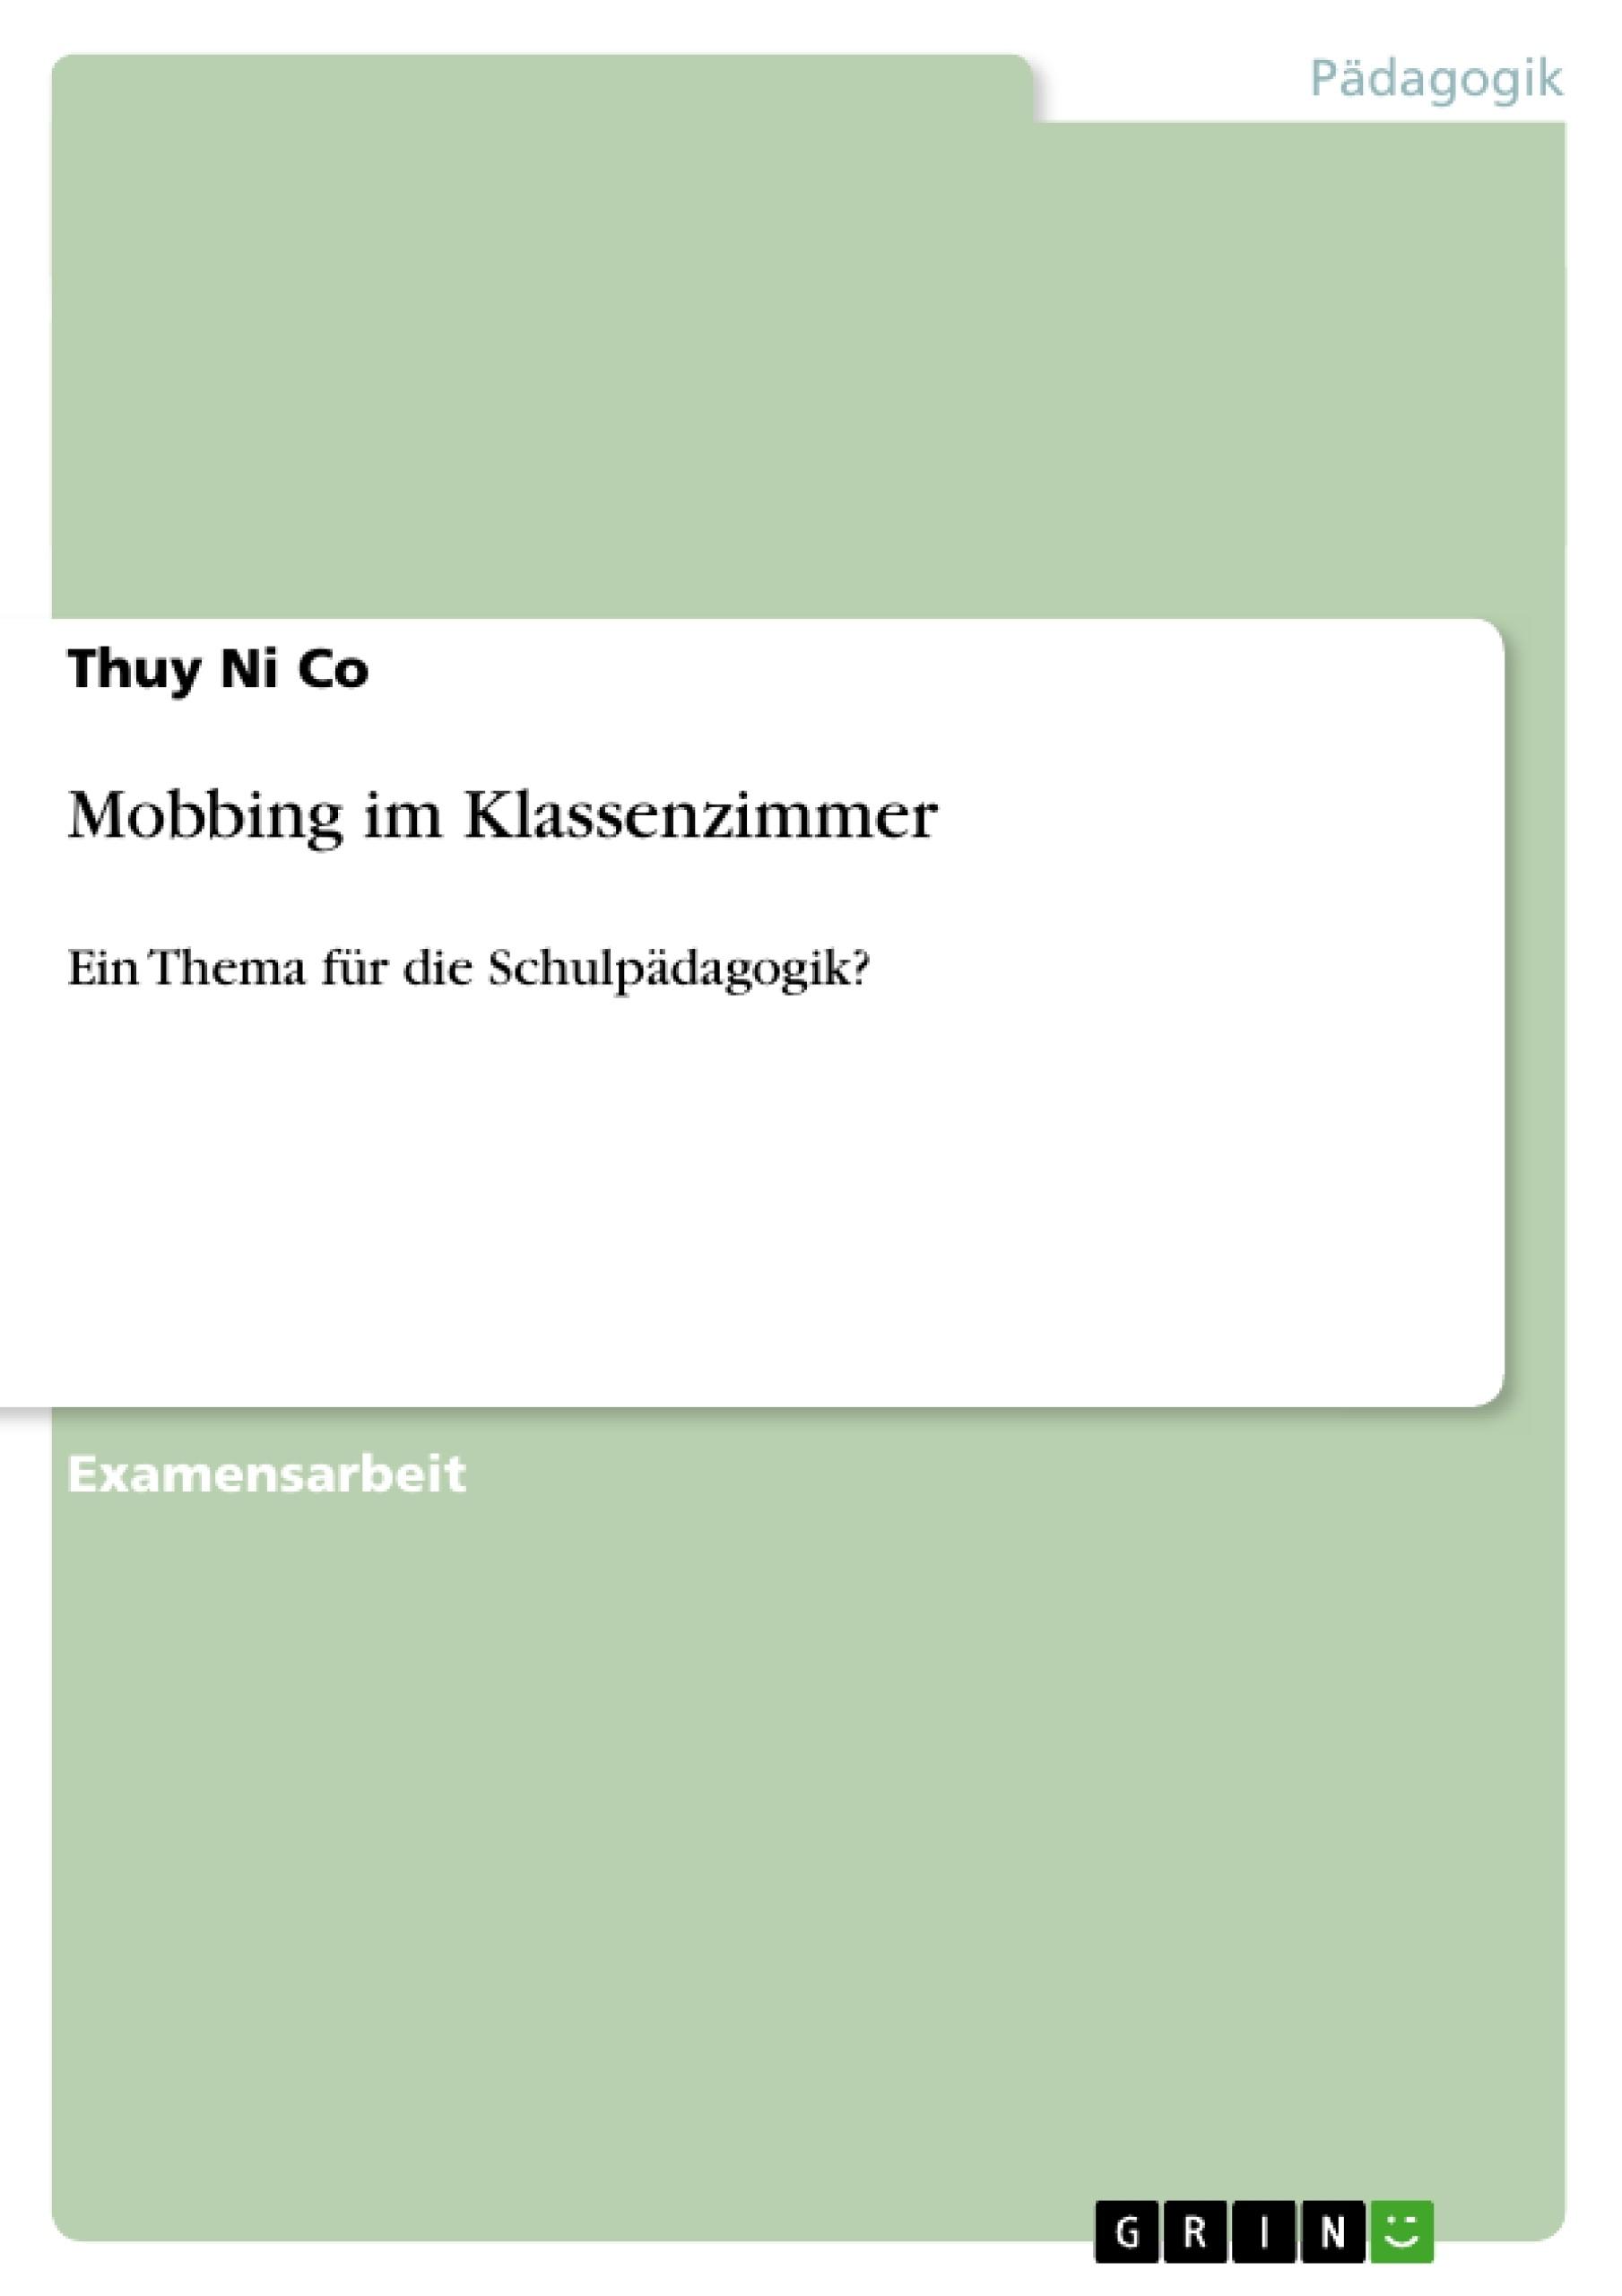 Mobbing im Klassenzimmer | Masterarbeit, Hausarbeit, Bachelorarbeit ...